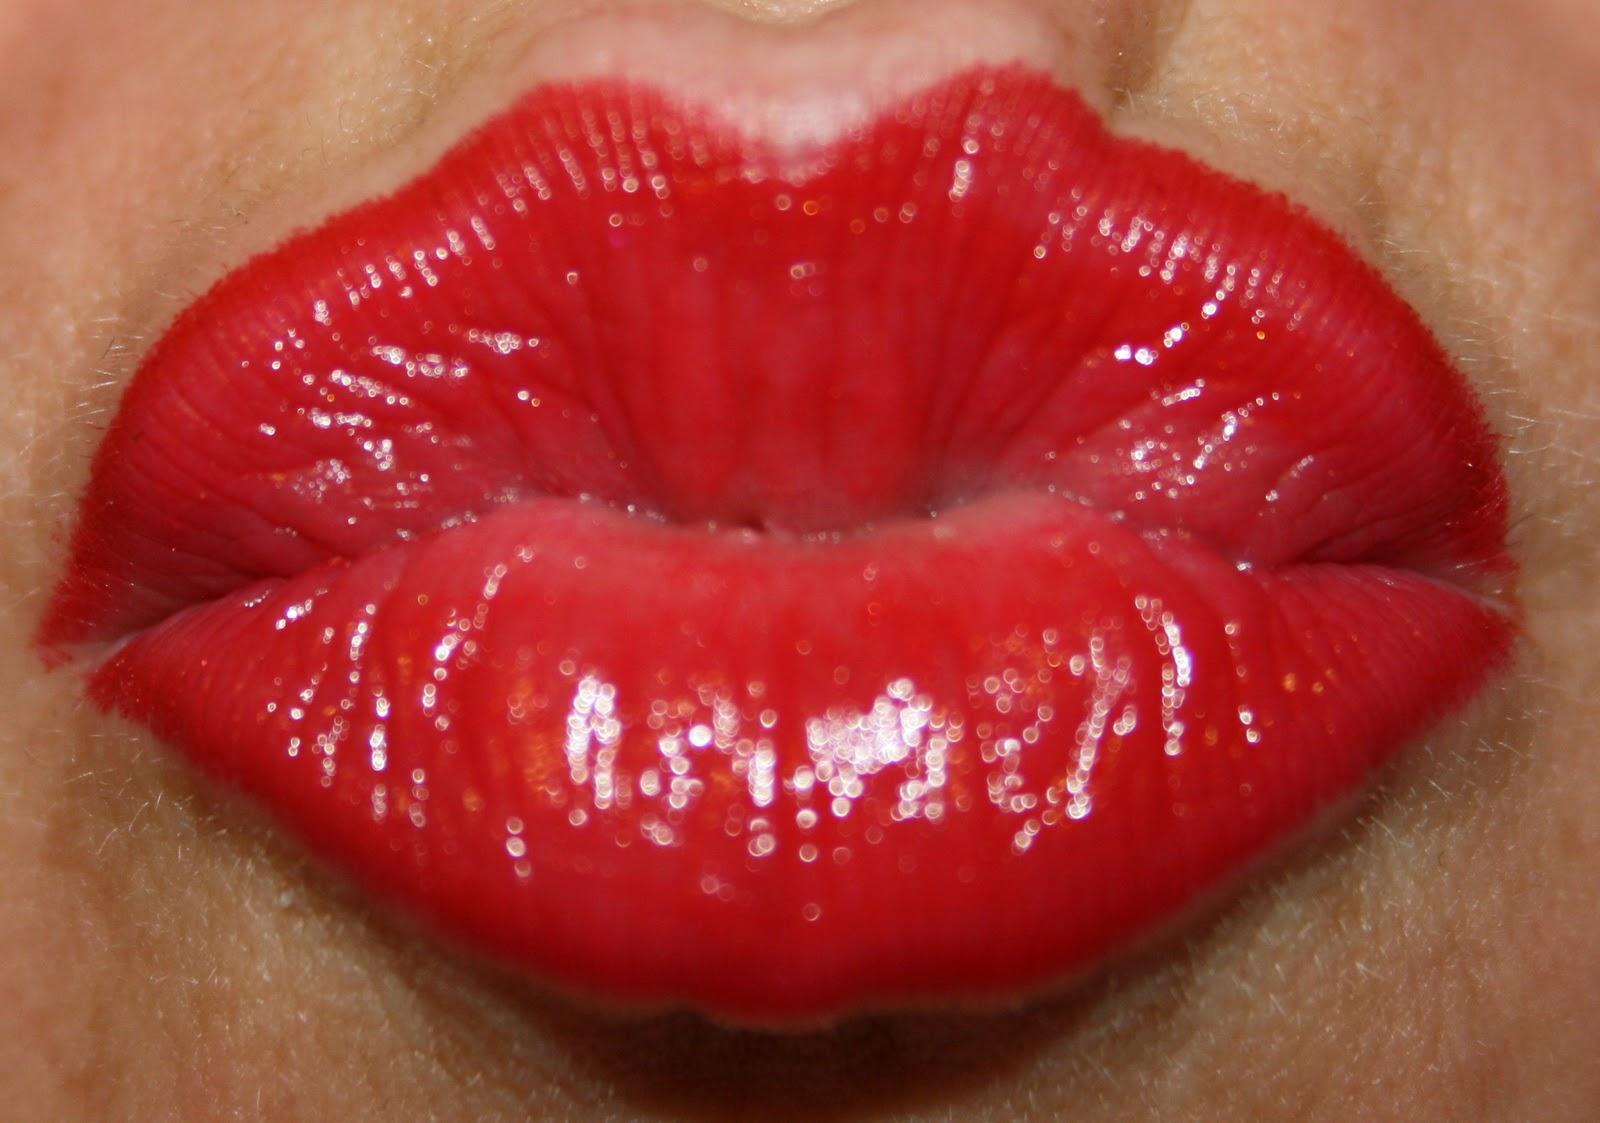 Das Beautytagebuch: Rote Lippen soll man küssen